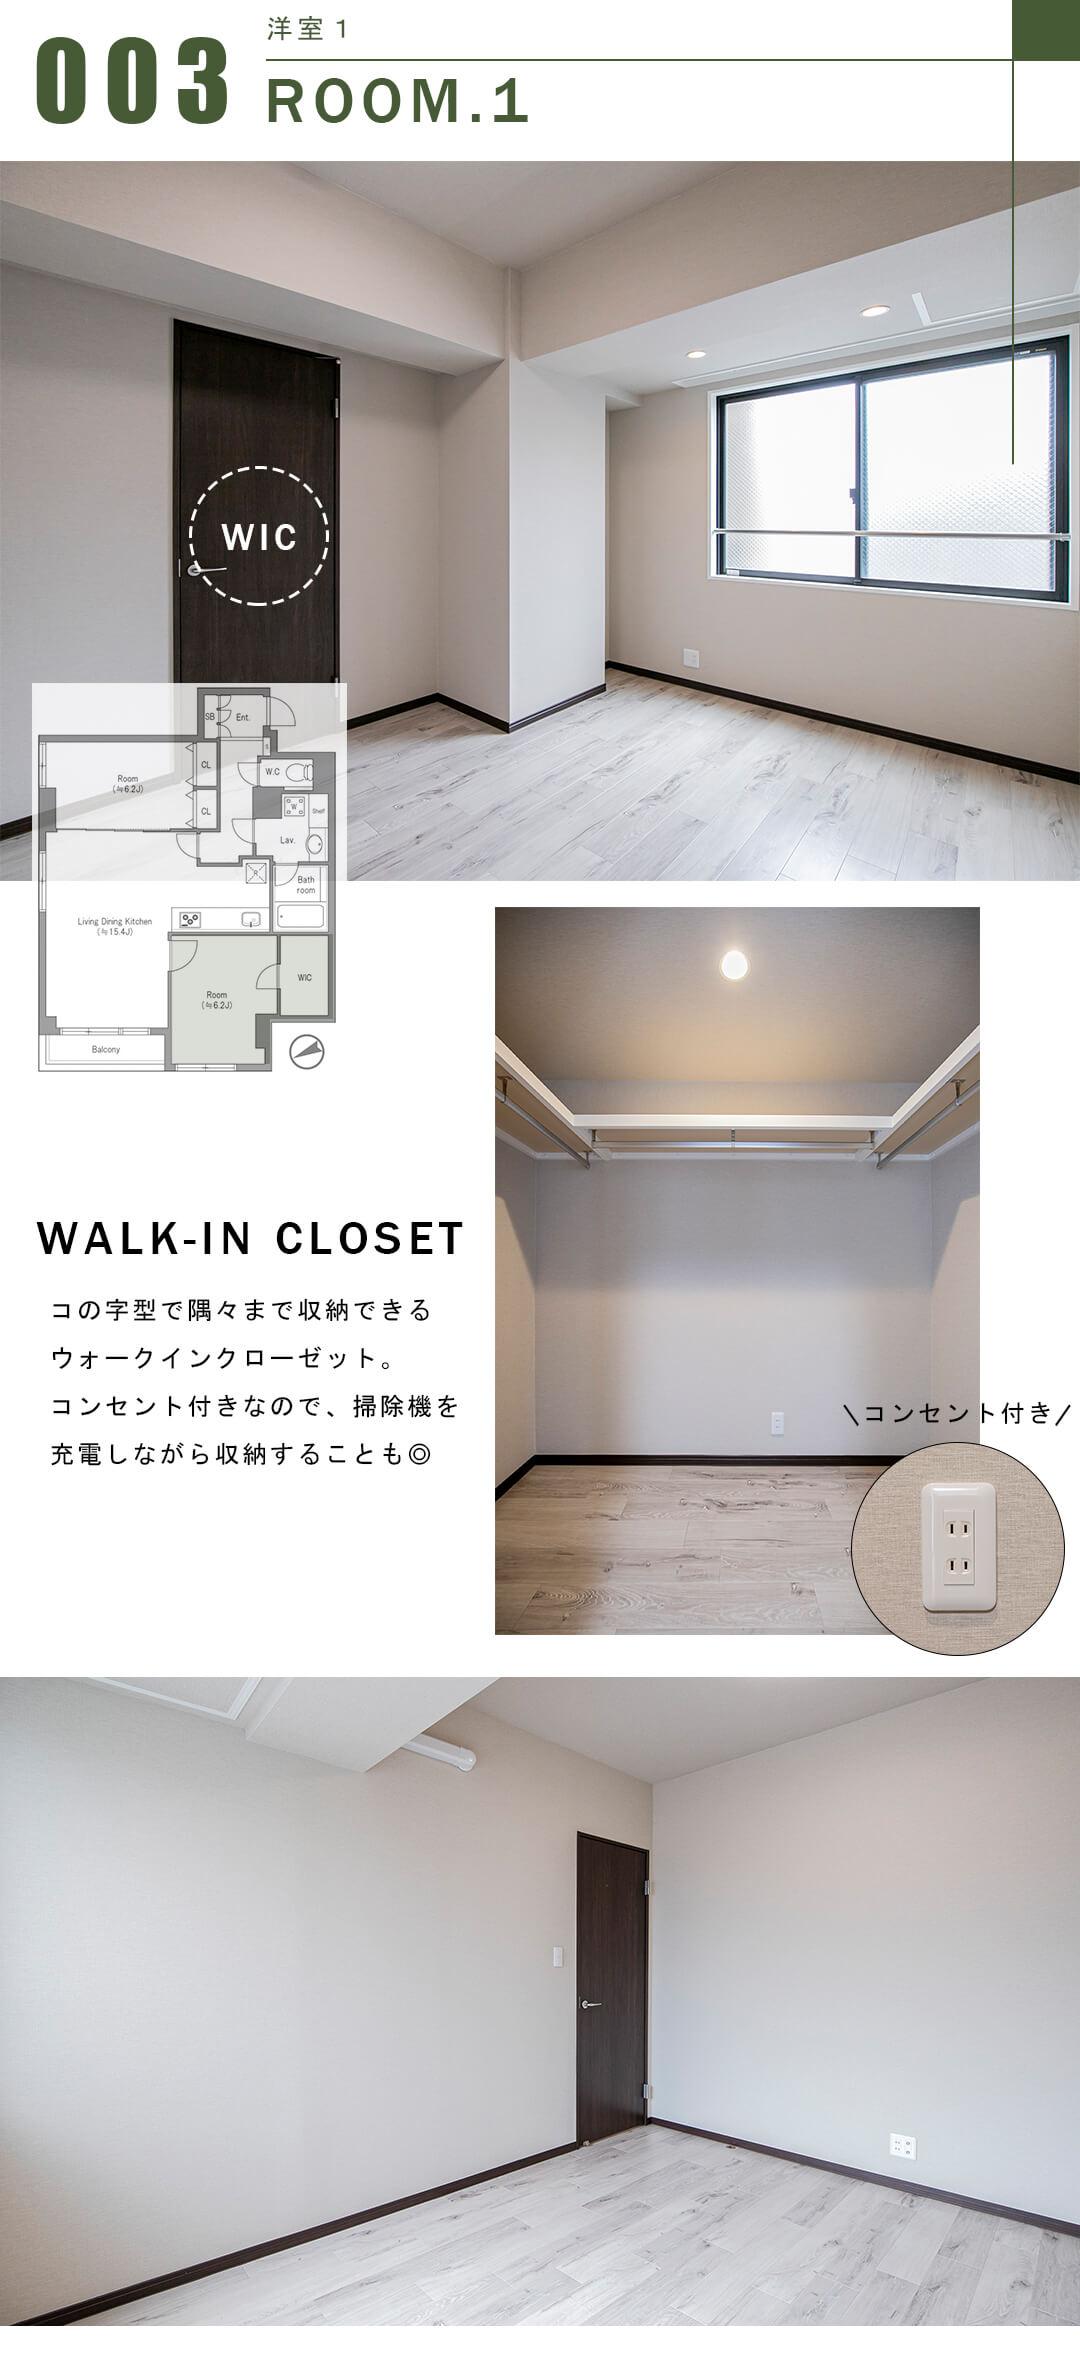 アートコート早稲田戸山公園の洋室